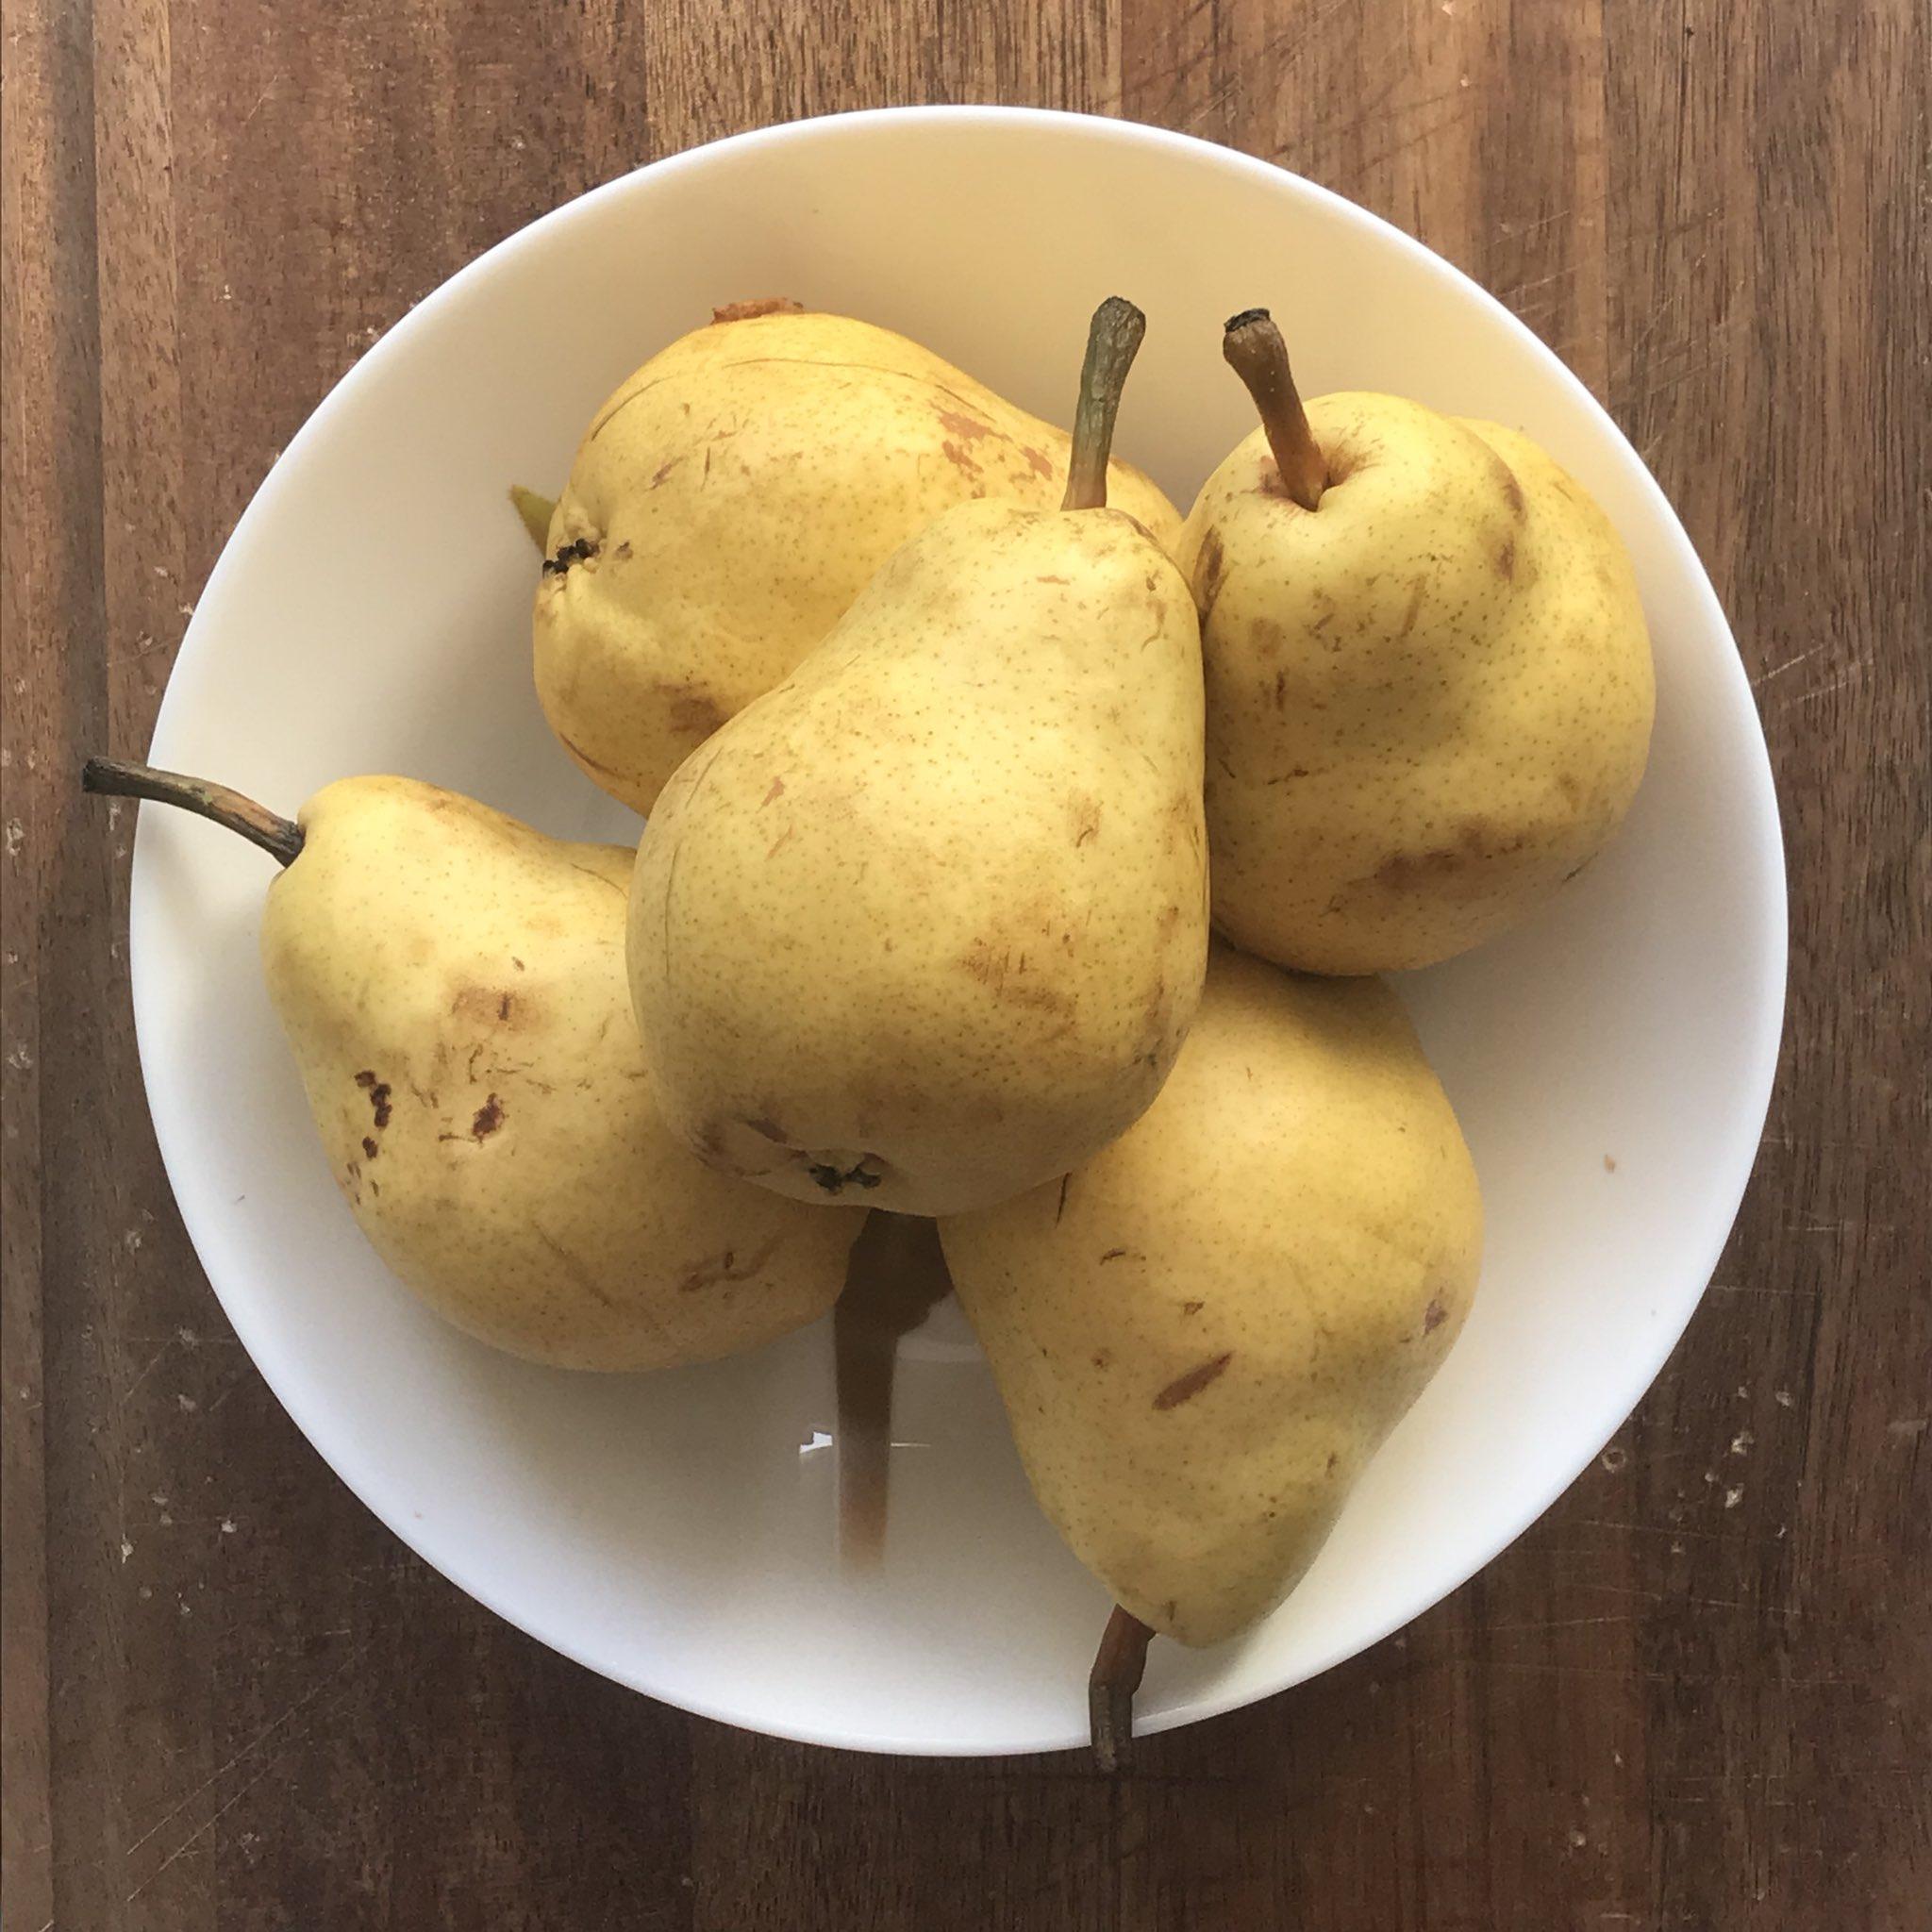 Диета На Китайских Грушах. Яблоки и груши при похудении: лучшие друзья или злейшие враги